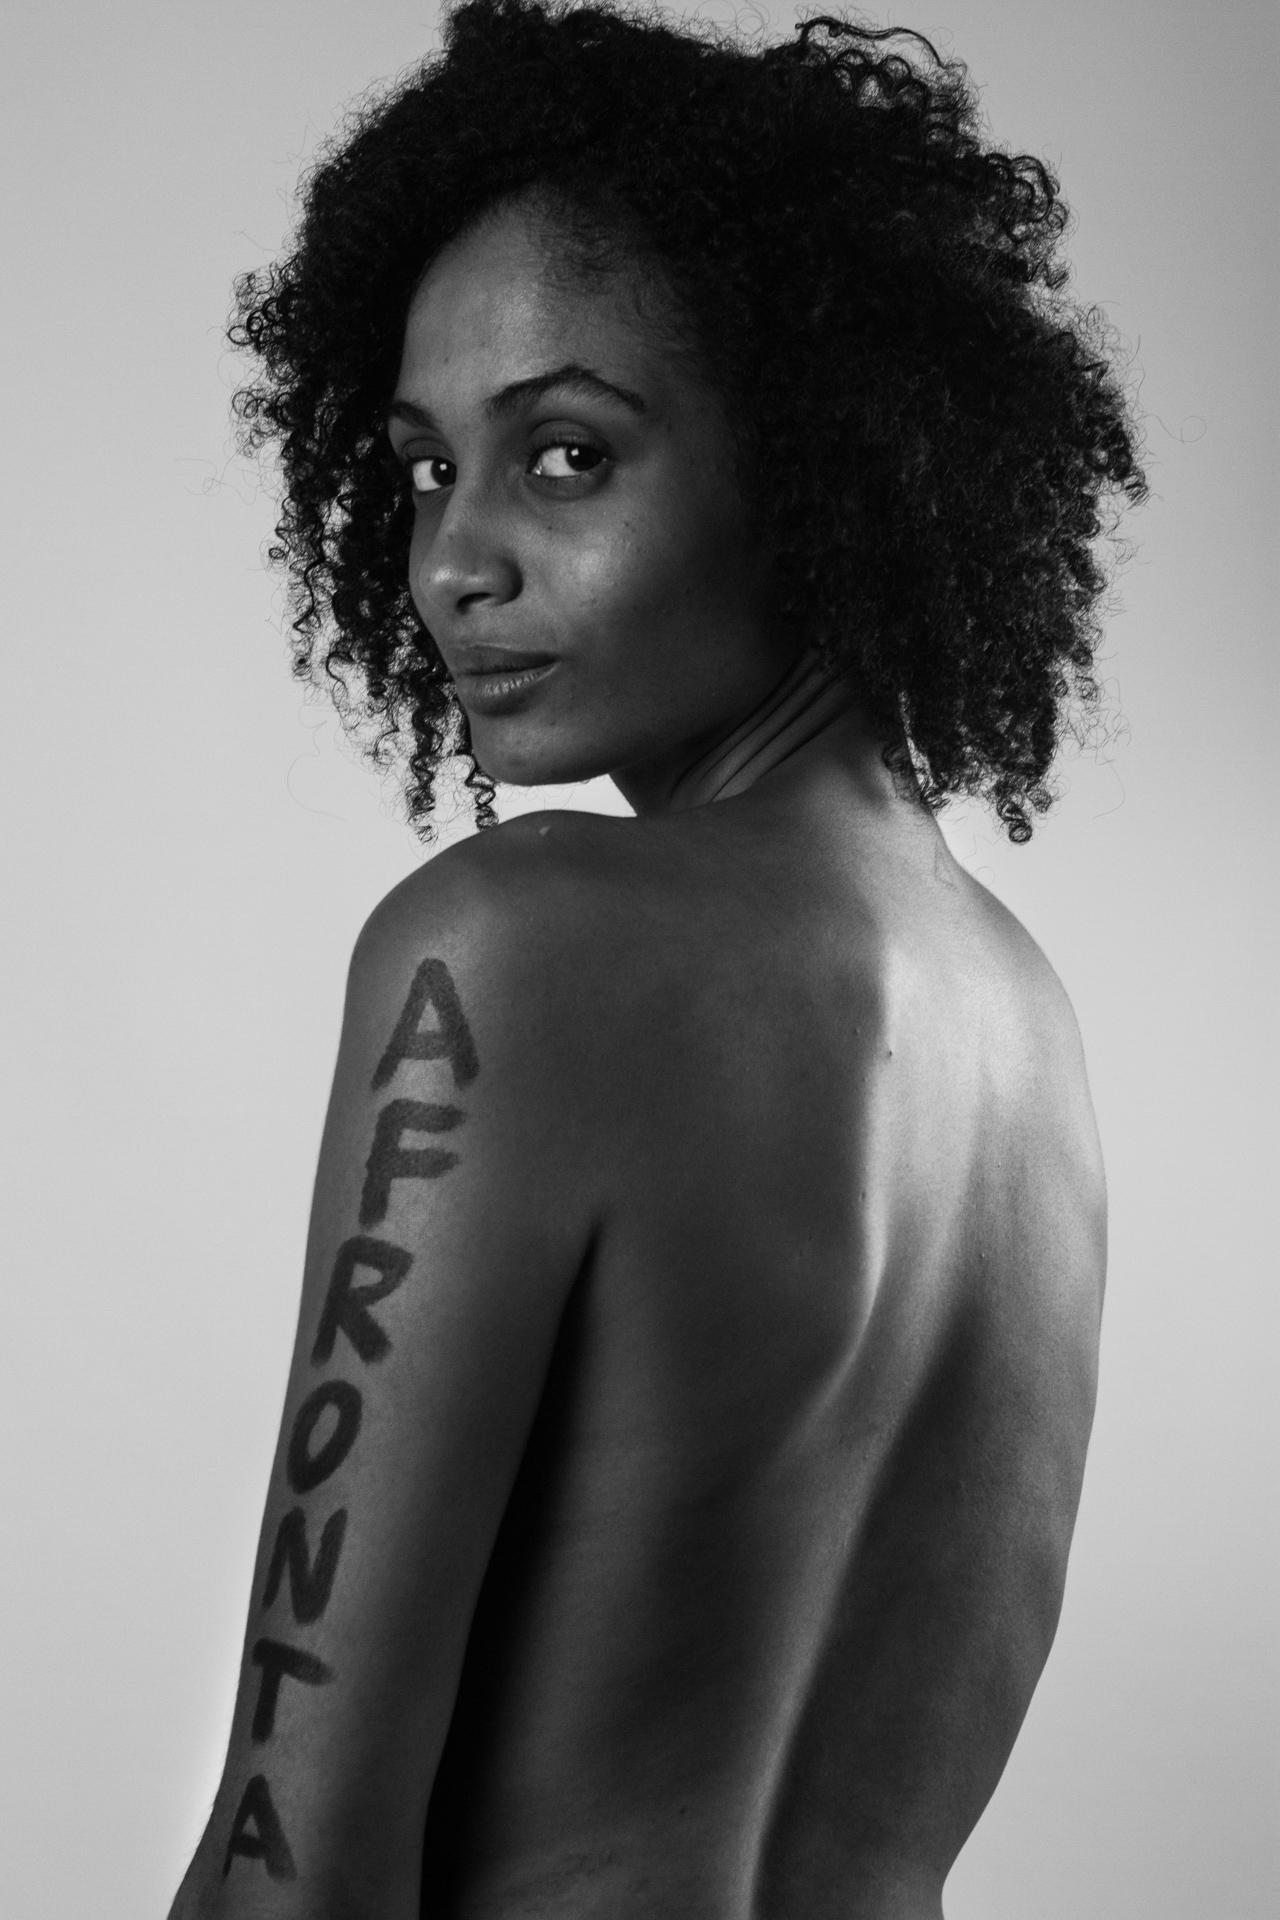 Így küzdenek testük szabadságáért a nők